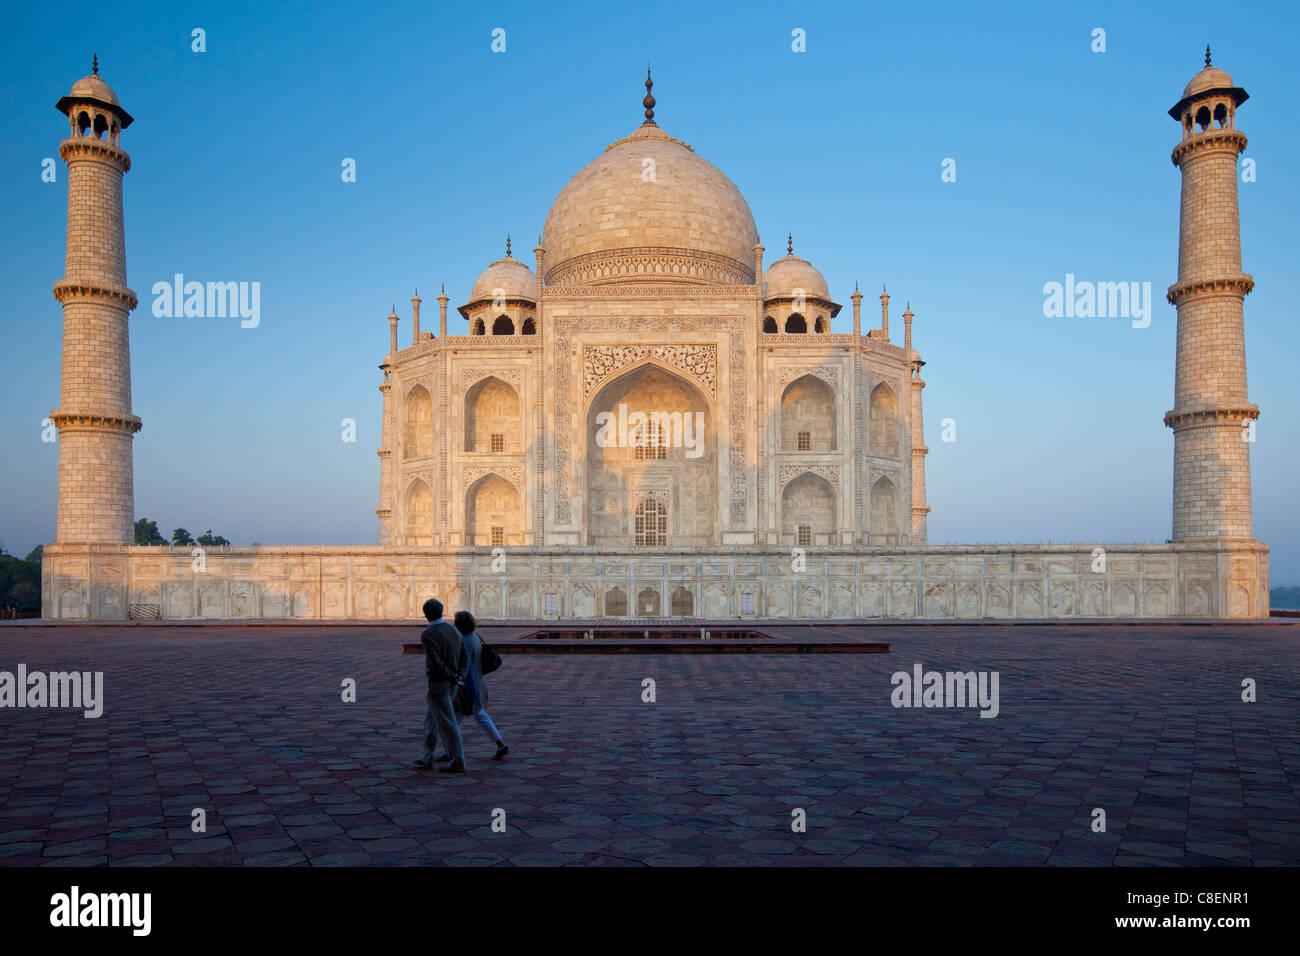 Das taj mahal Mausoleum östliche Sicht (von taj mahal Moschee gesehen), Uttar Pradesh, Indien Stockbild